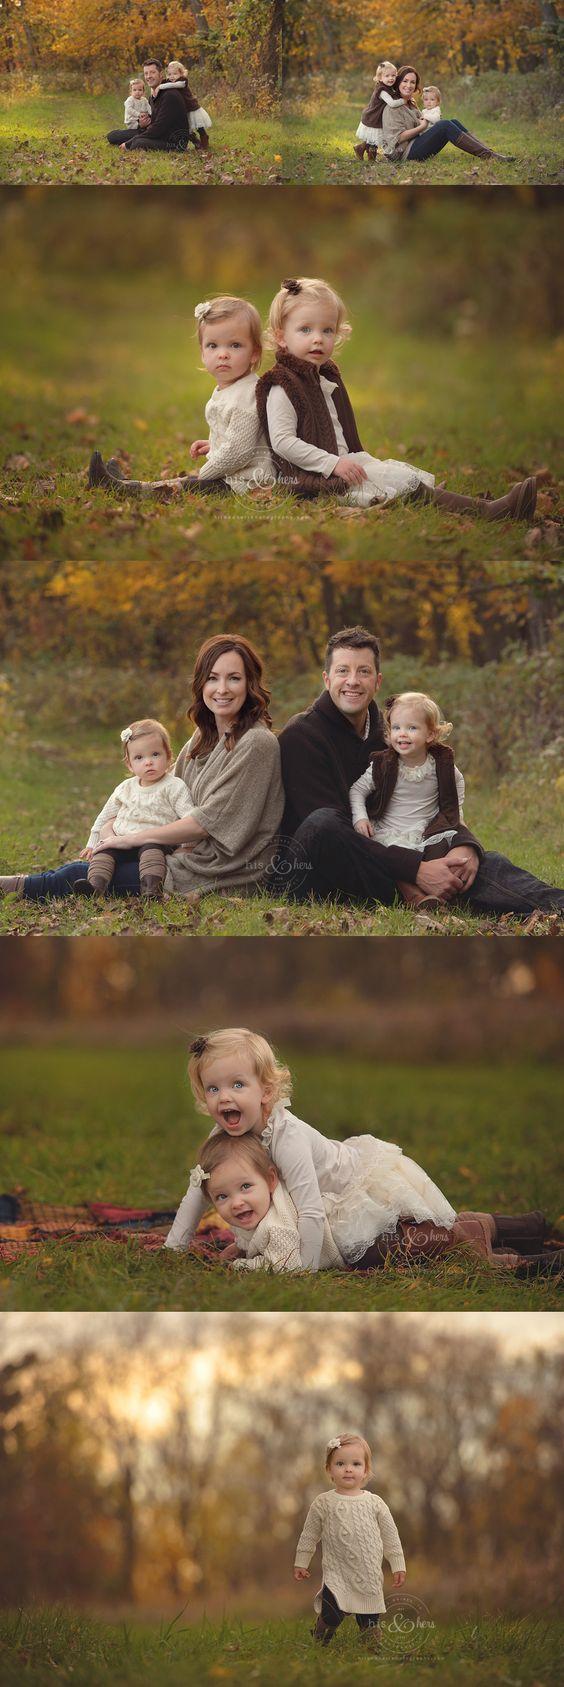 Child photographer, Darcy Milder   His & Hers   Des Moines, Iowa